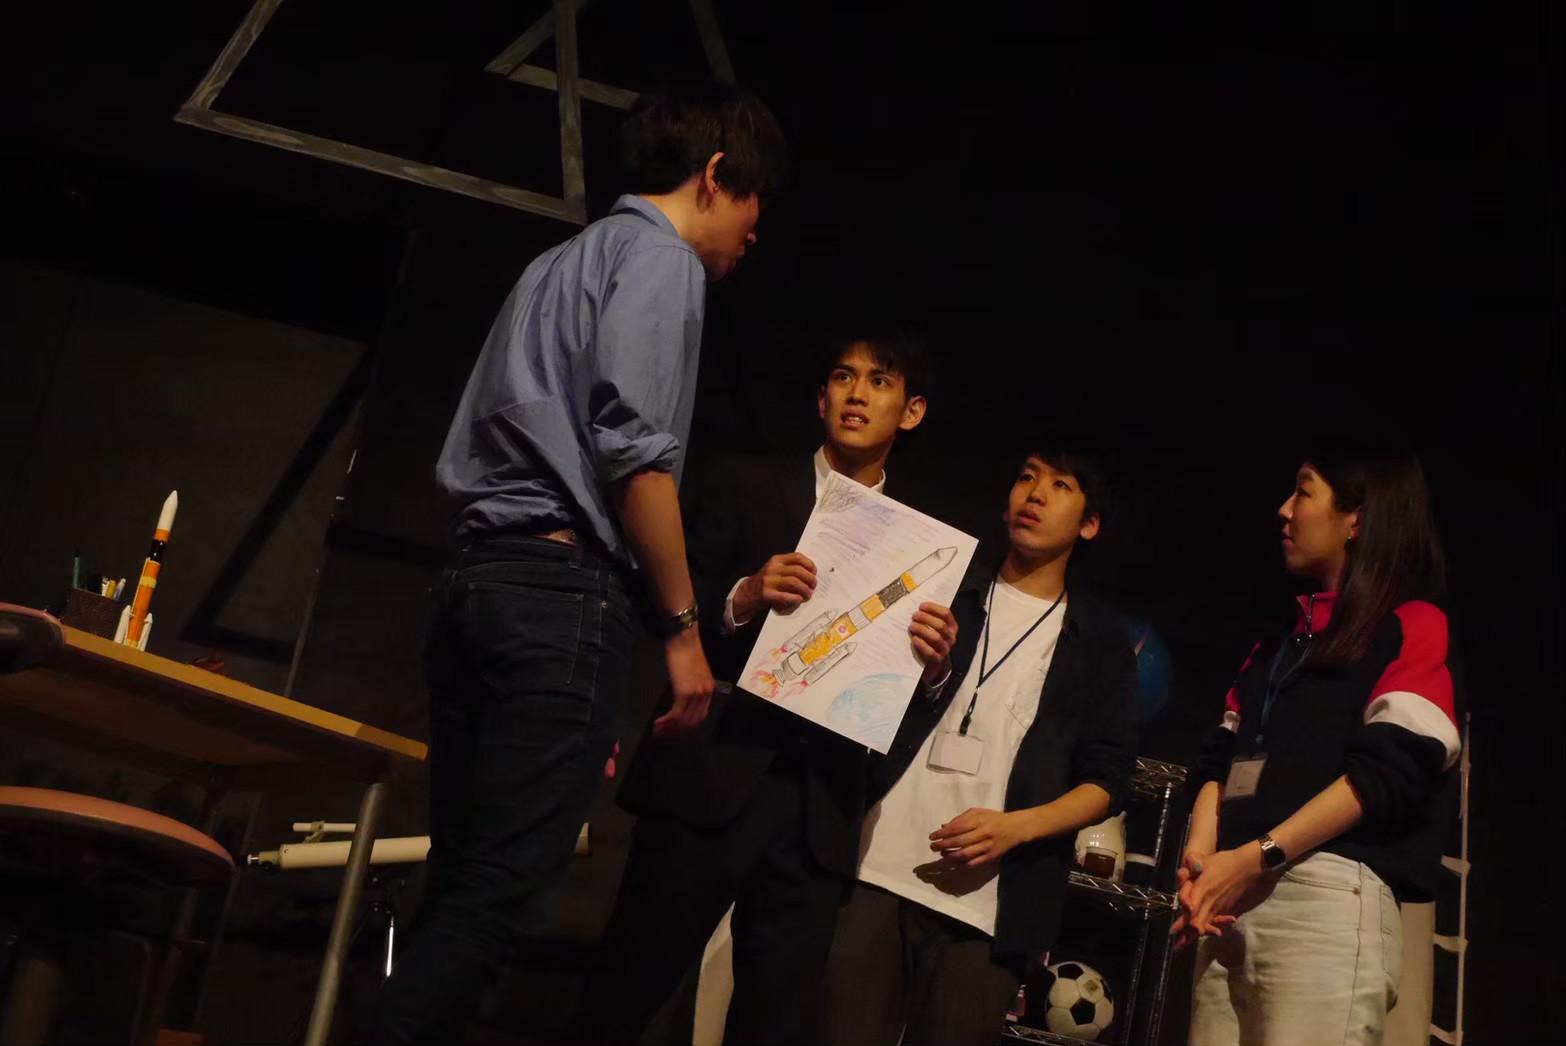 劇団スポーツ『すごくうるさい山』舞台写真(撮影=本田百音)_0278